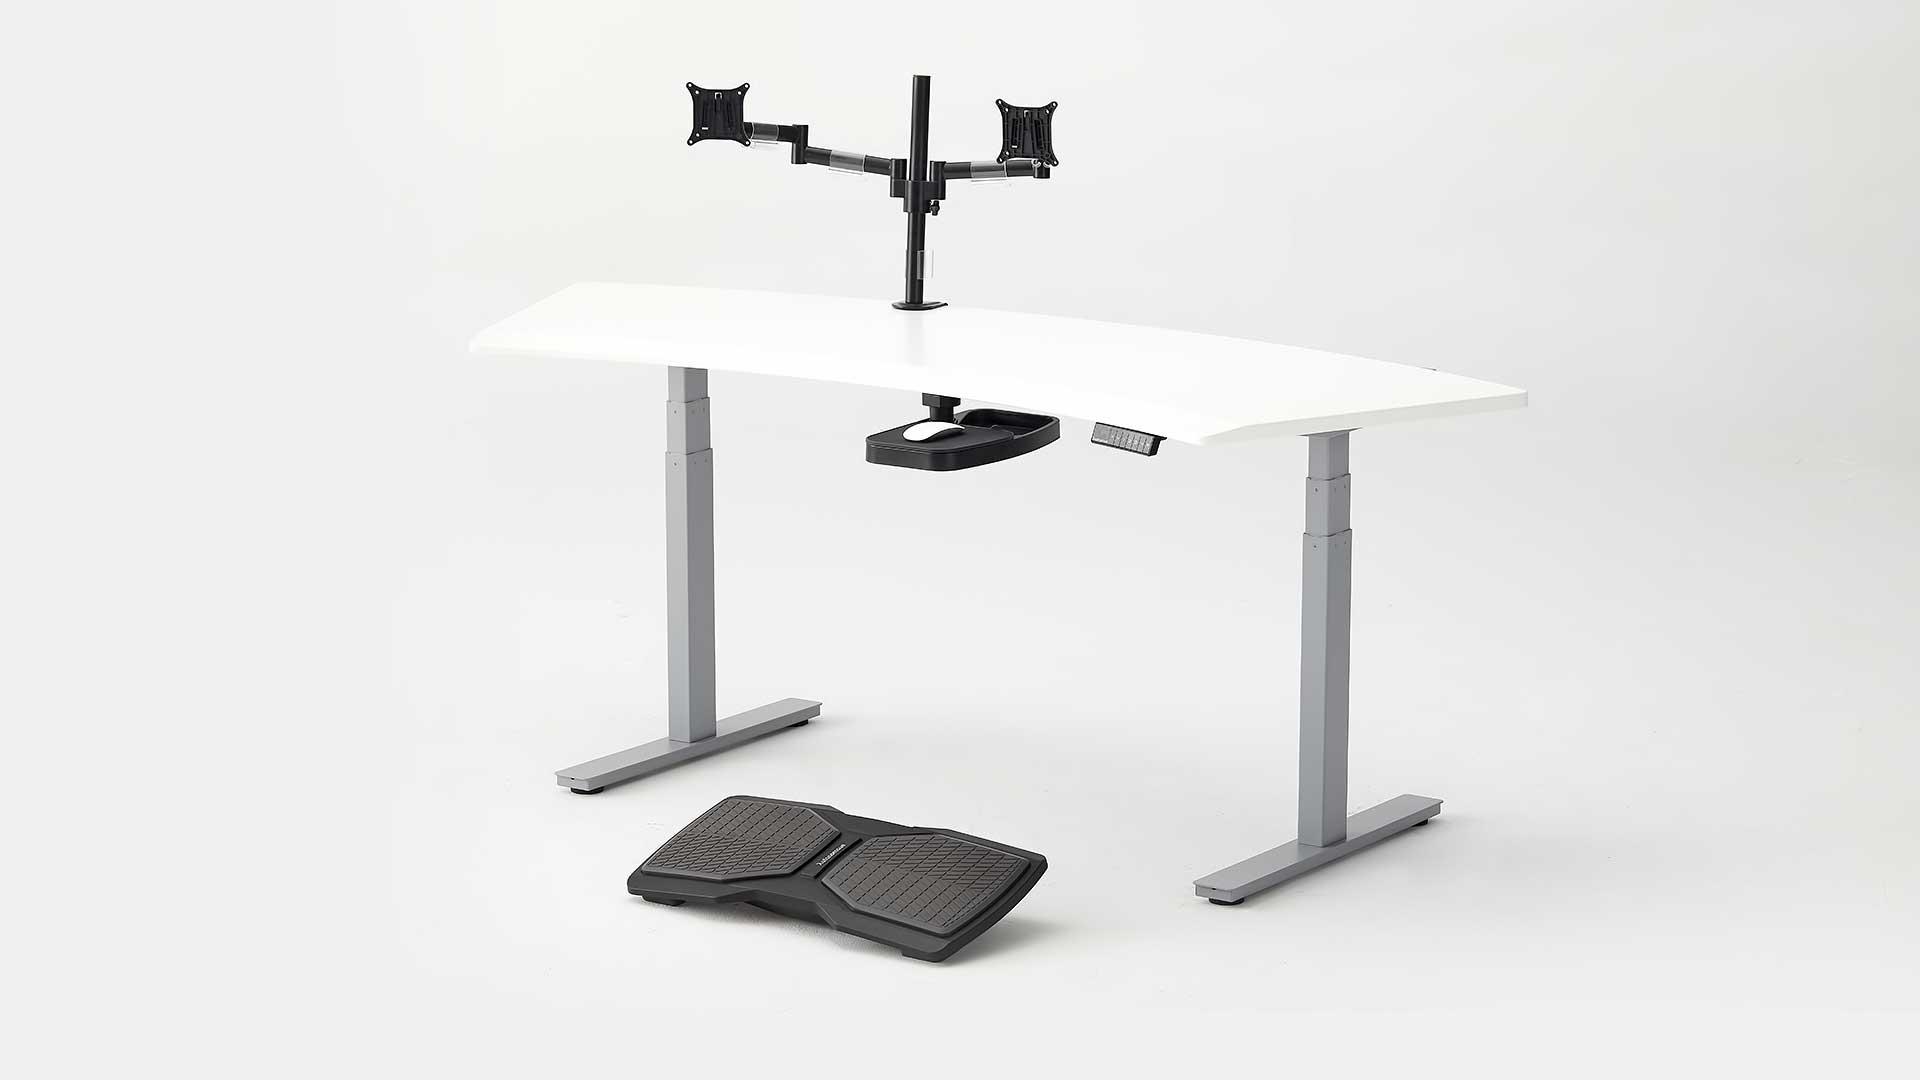 Standind desk